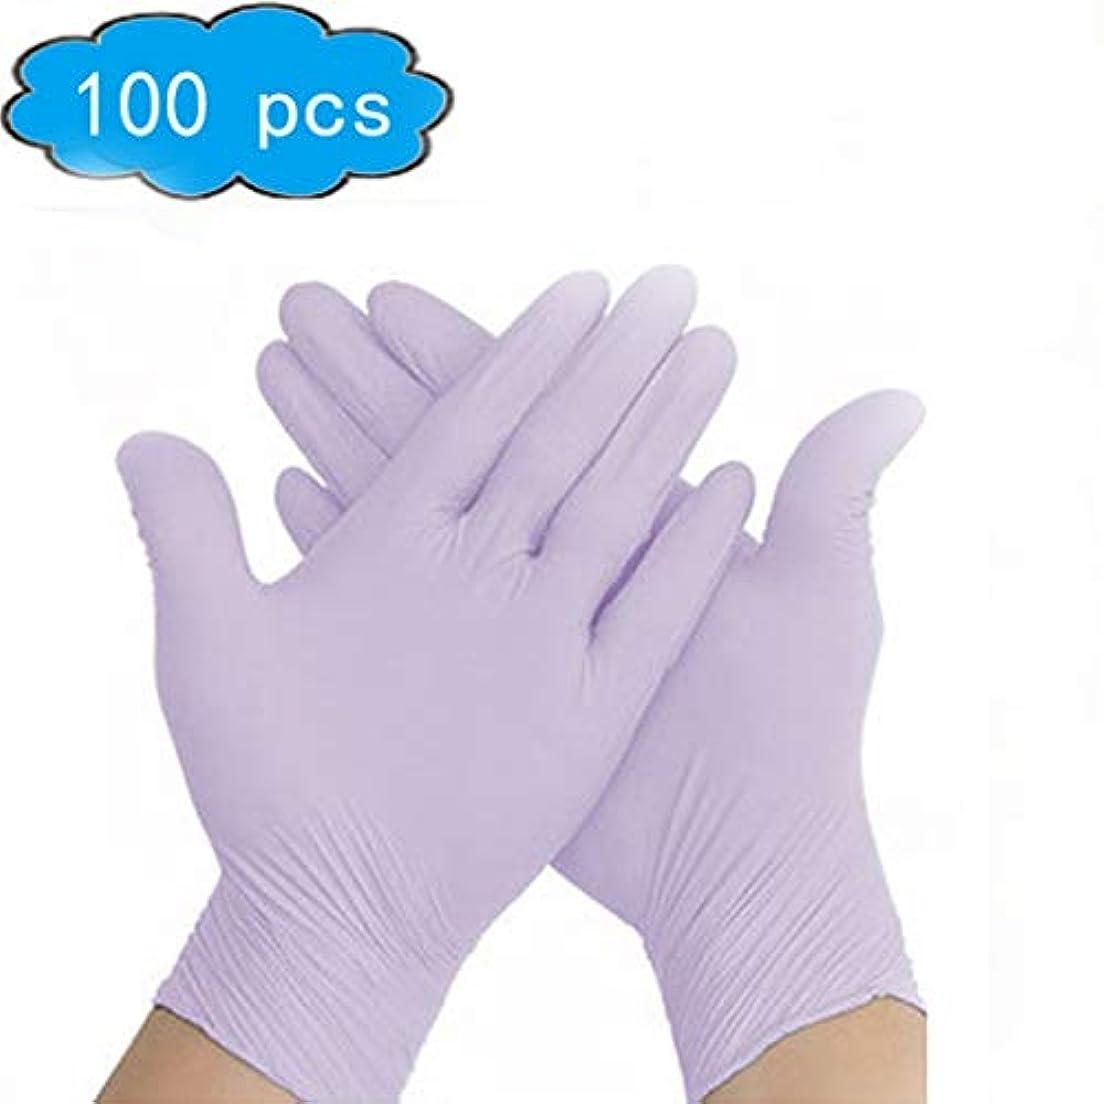 承知しました刺激する前述のニトリル手袋 - 医療用グレード、パウダーフリー、使い捨て、非滅菌、食品安全、テクスチャード加工、紫色、便利なディスペンサーパッケージ100、中サイズ、サニタリー手袋 (Color : Purple, Size : L)